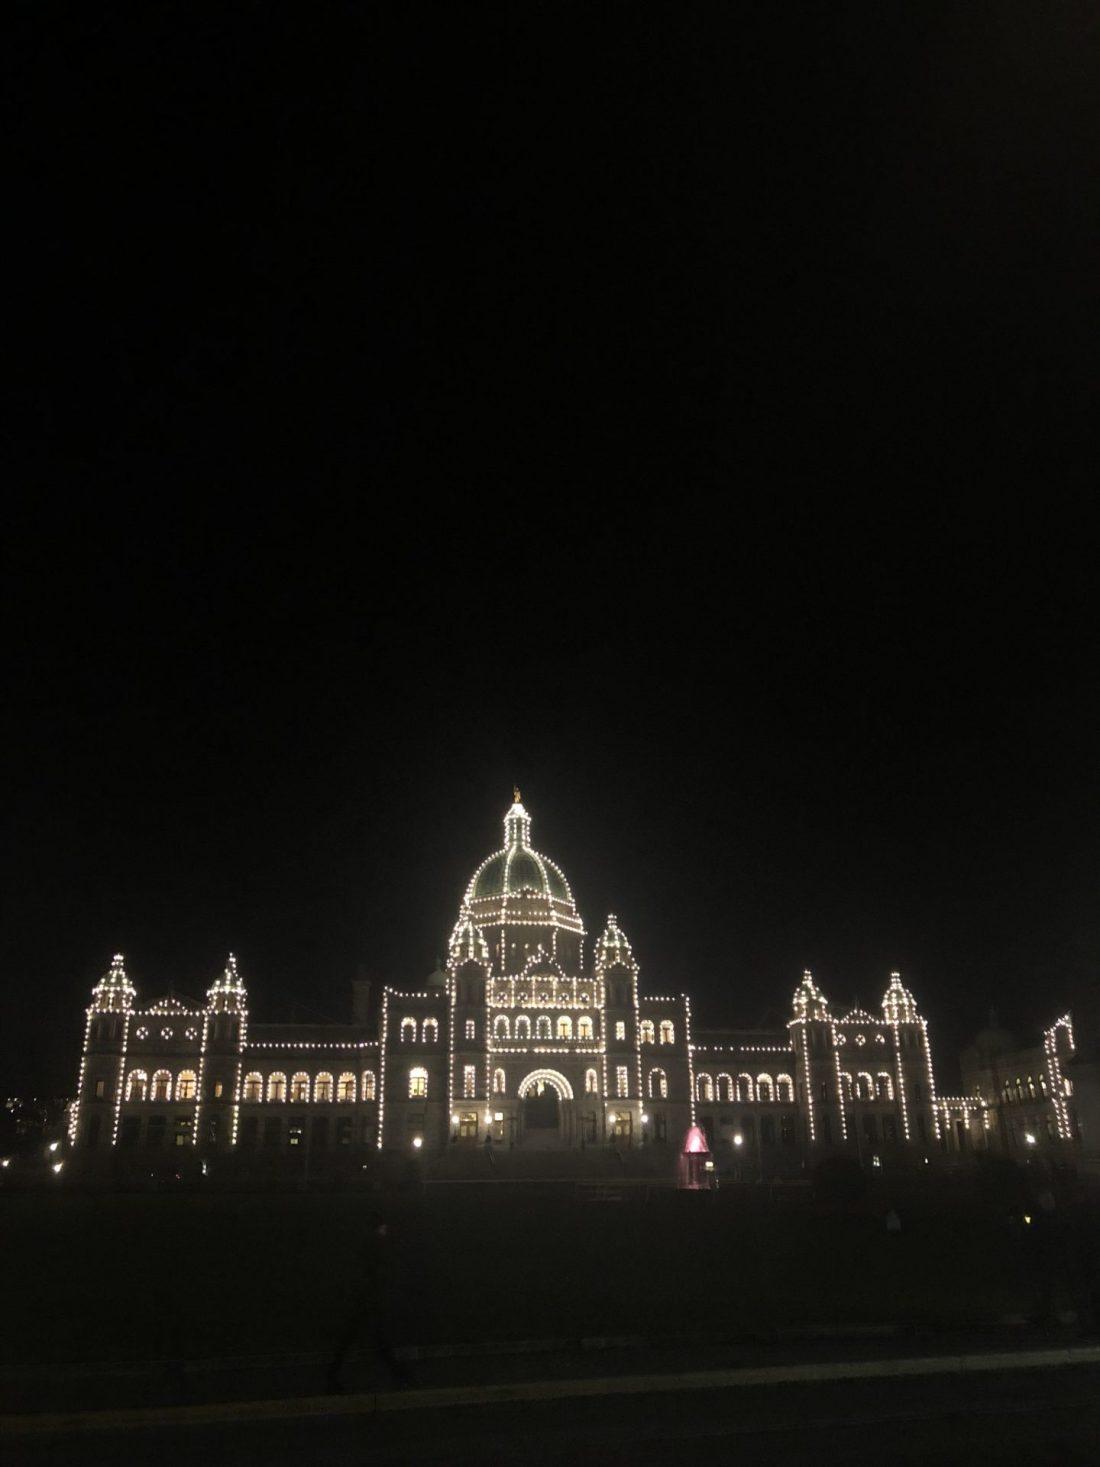 Parliament Buildings at night in Victoria, British Columbia